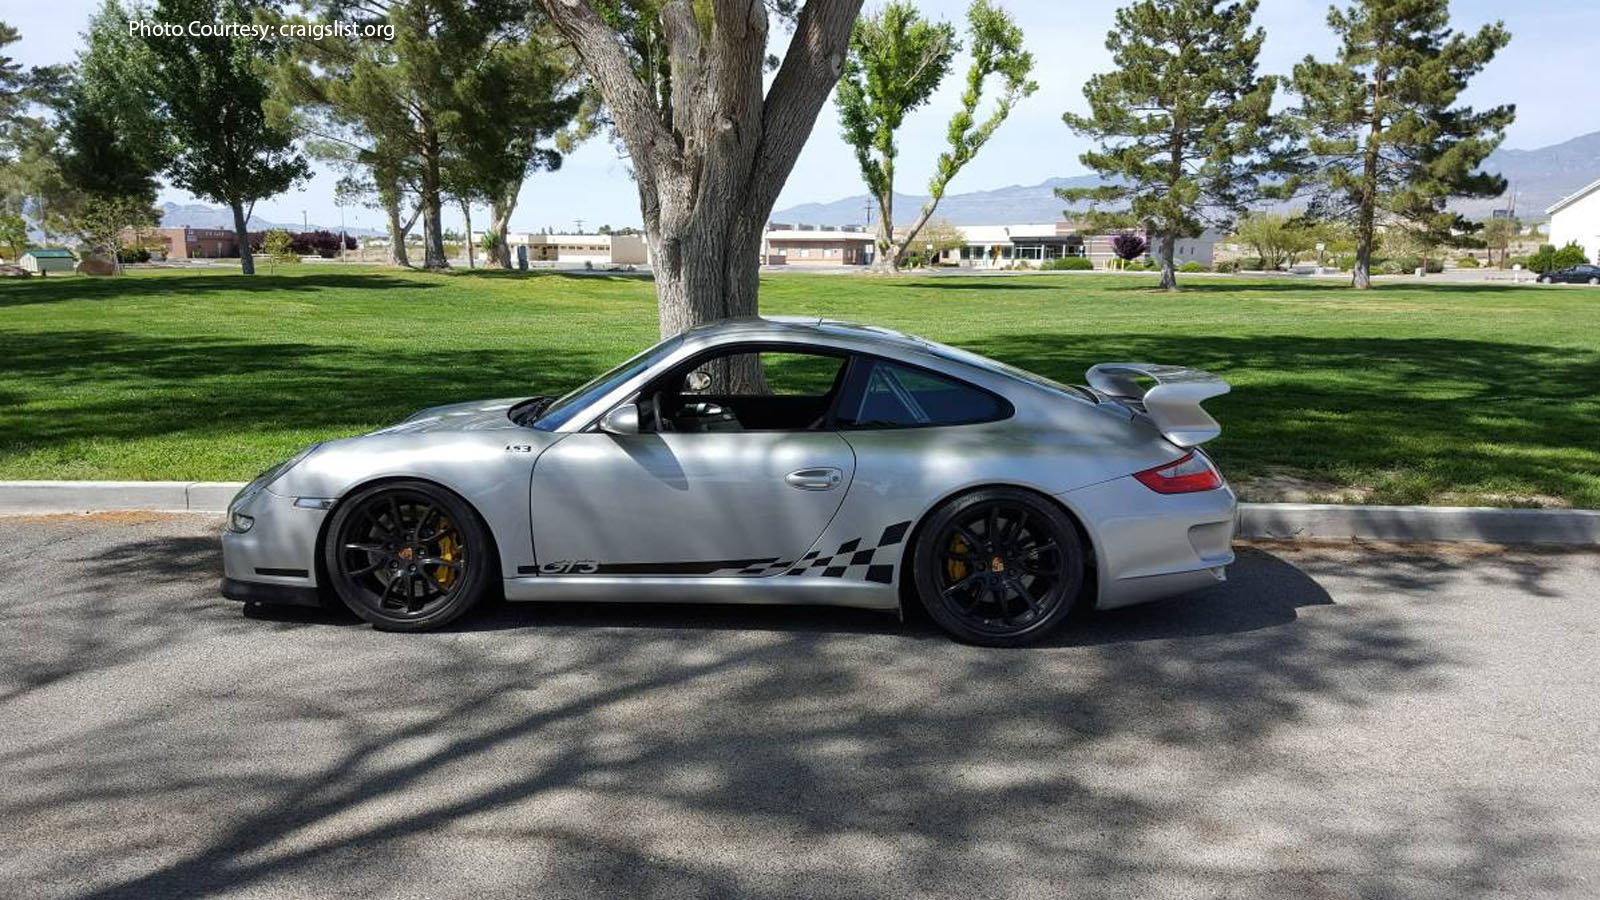 Ls Swapped Porsche 911 Gt3 Found On Craigslist Photos Rennlist